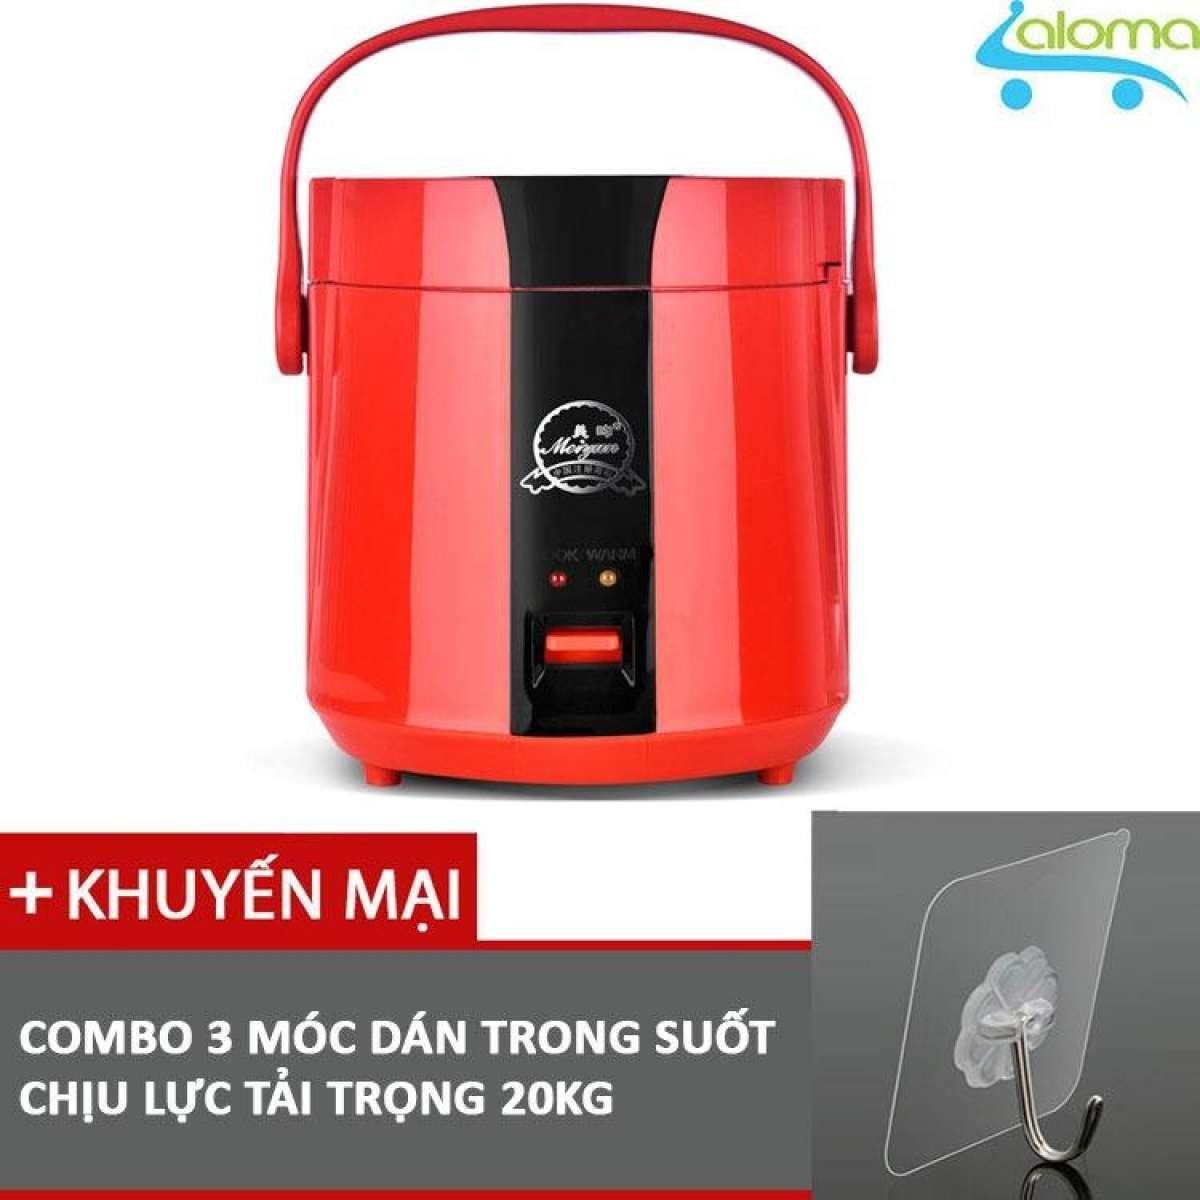 Nồi Cơm điện Mini 1.2L Meiyun B12-A Nấu Cơm Hâm Nóng Nấu Cháo Hầm Xương Kèm 3 Móc Dán Tường Với Giá Sốc